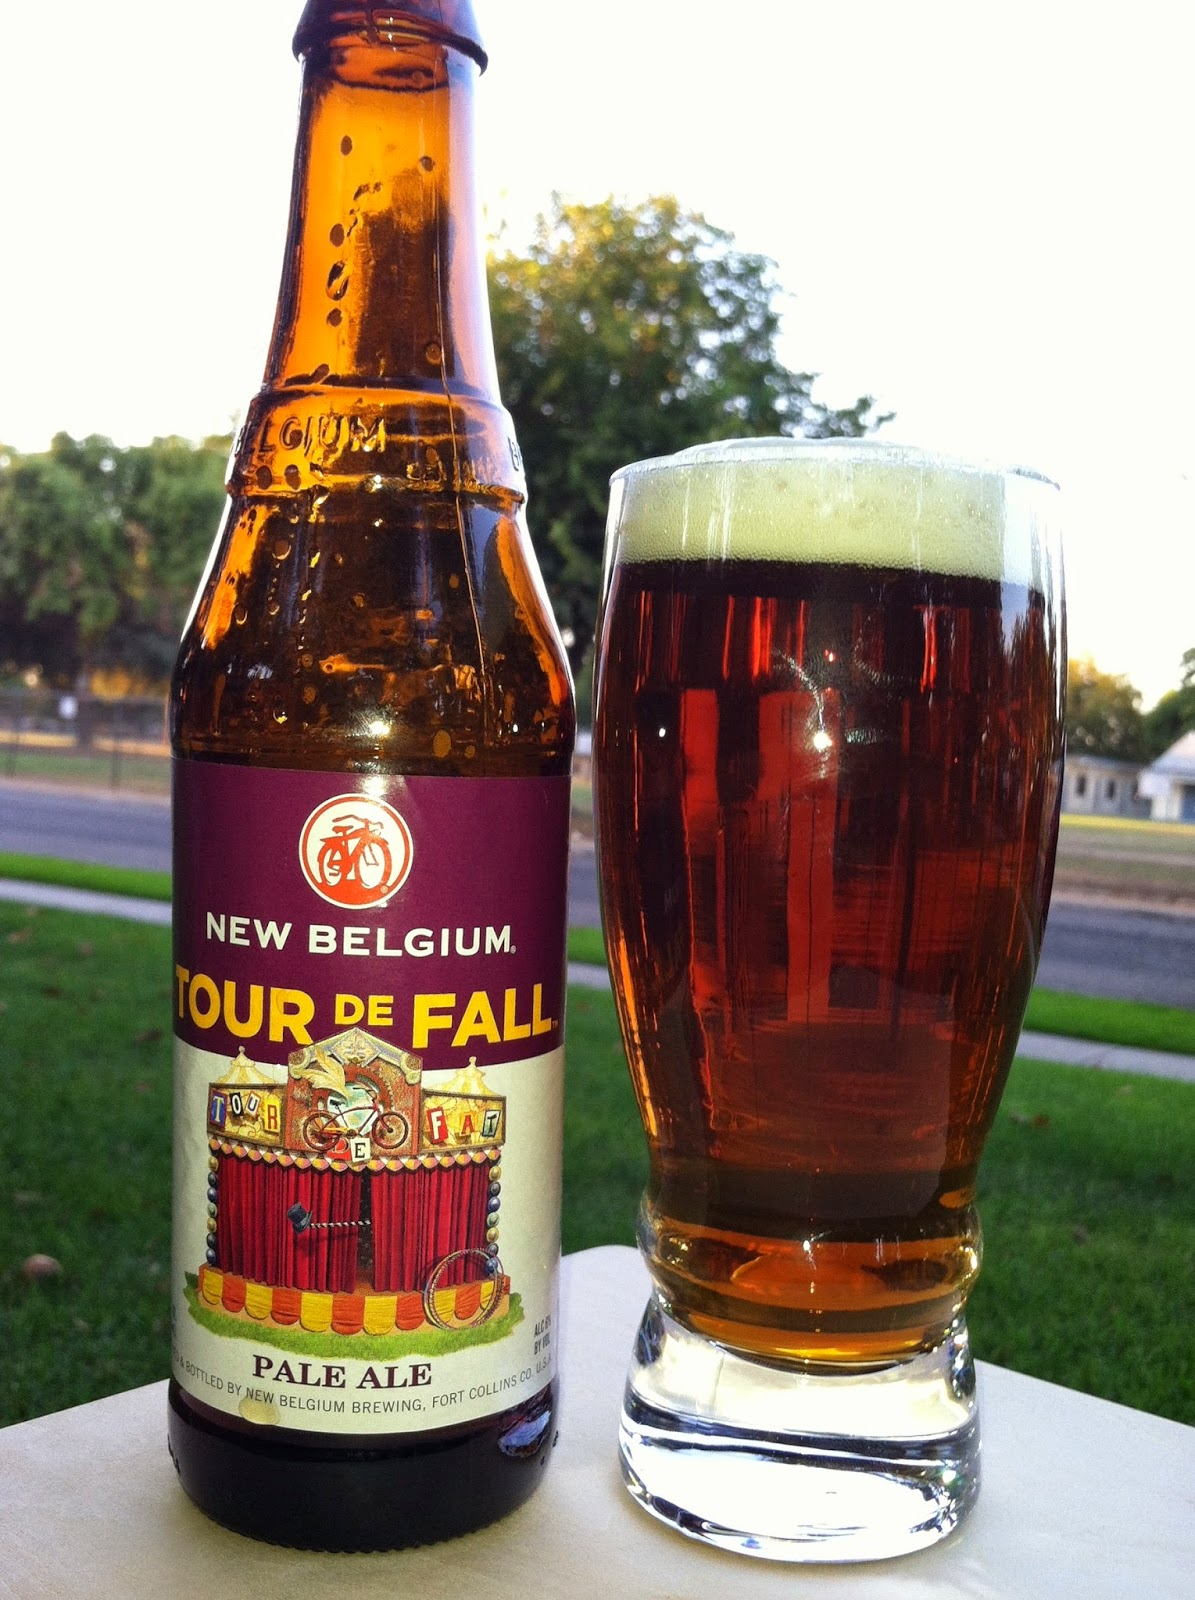 New Belgium Tour de Fall Pale Ale 1